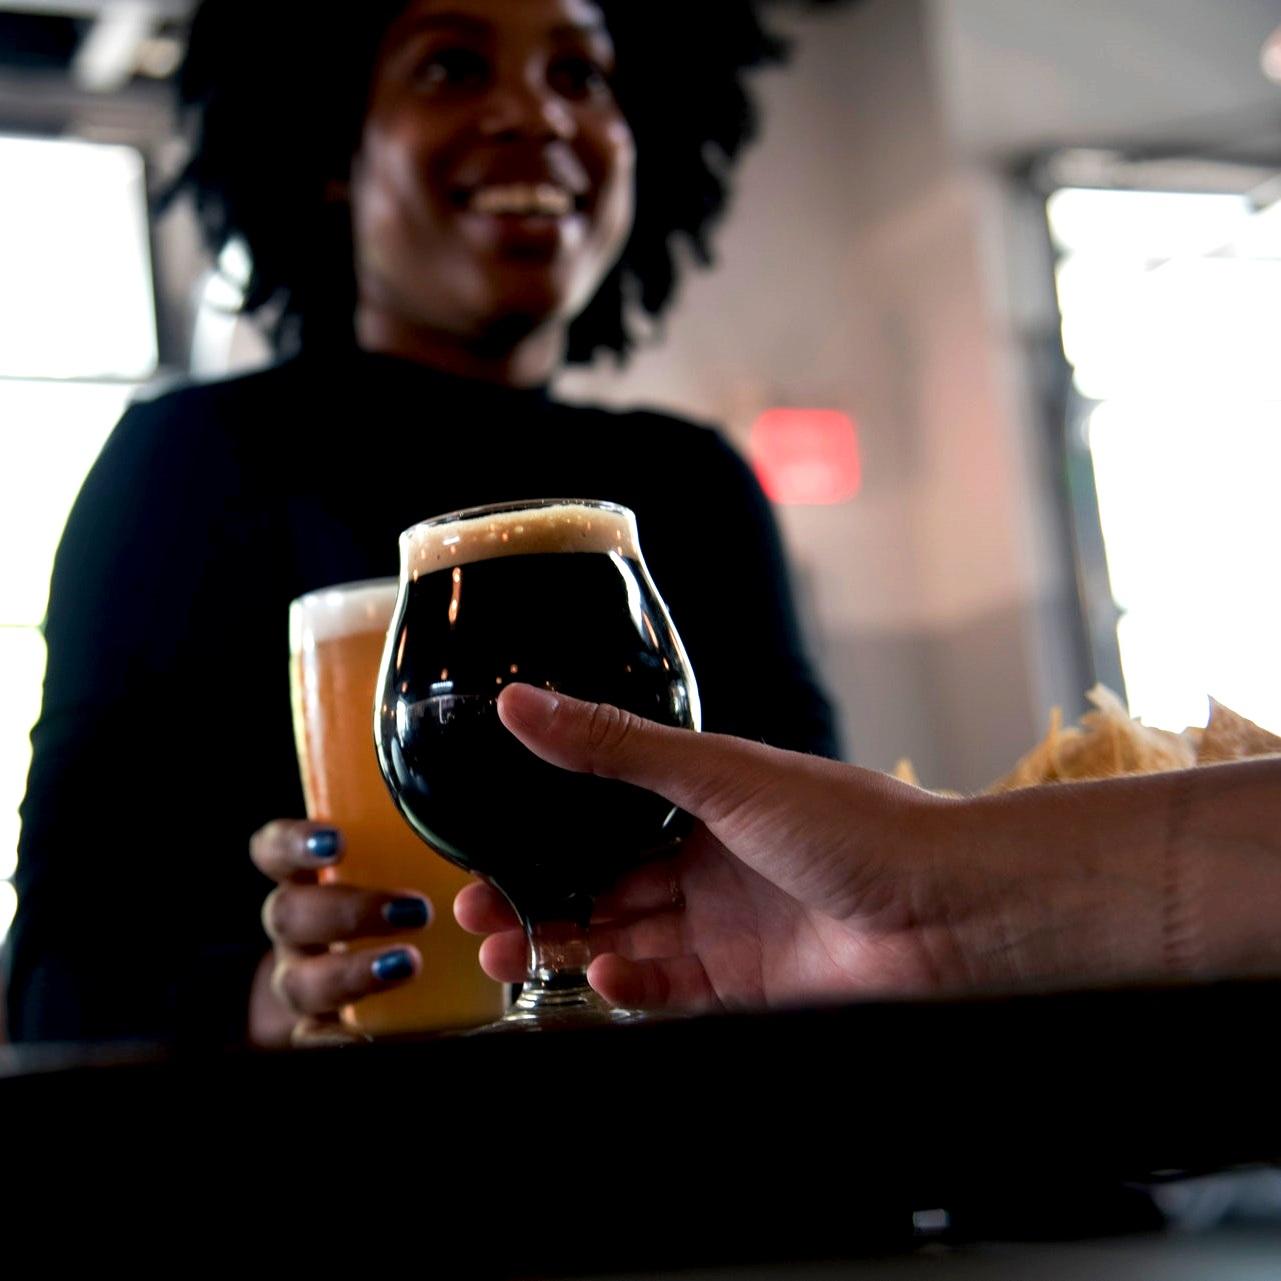 alcoholic-beverage-beer-beverage-1269034.jpg